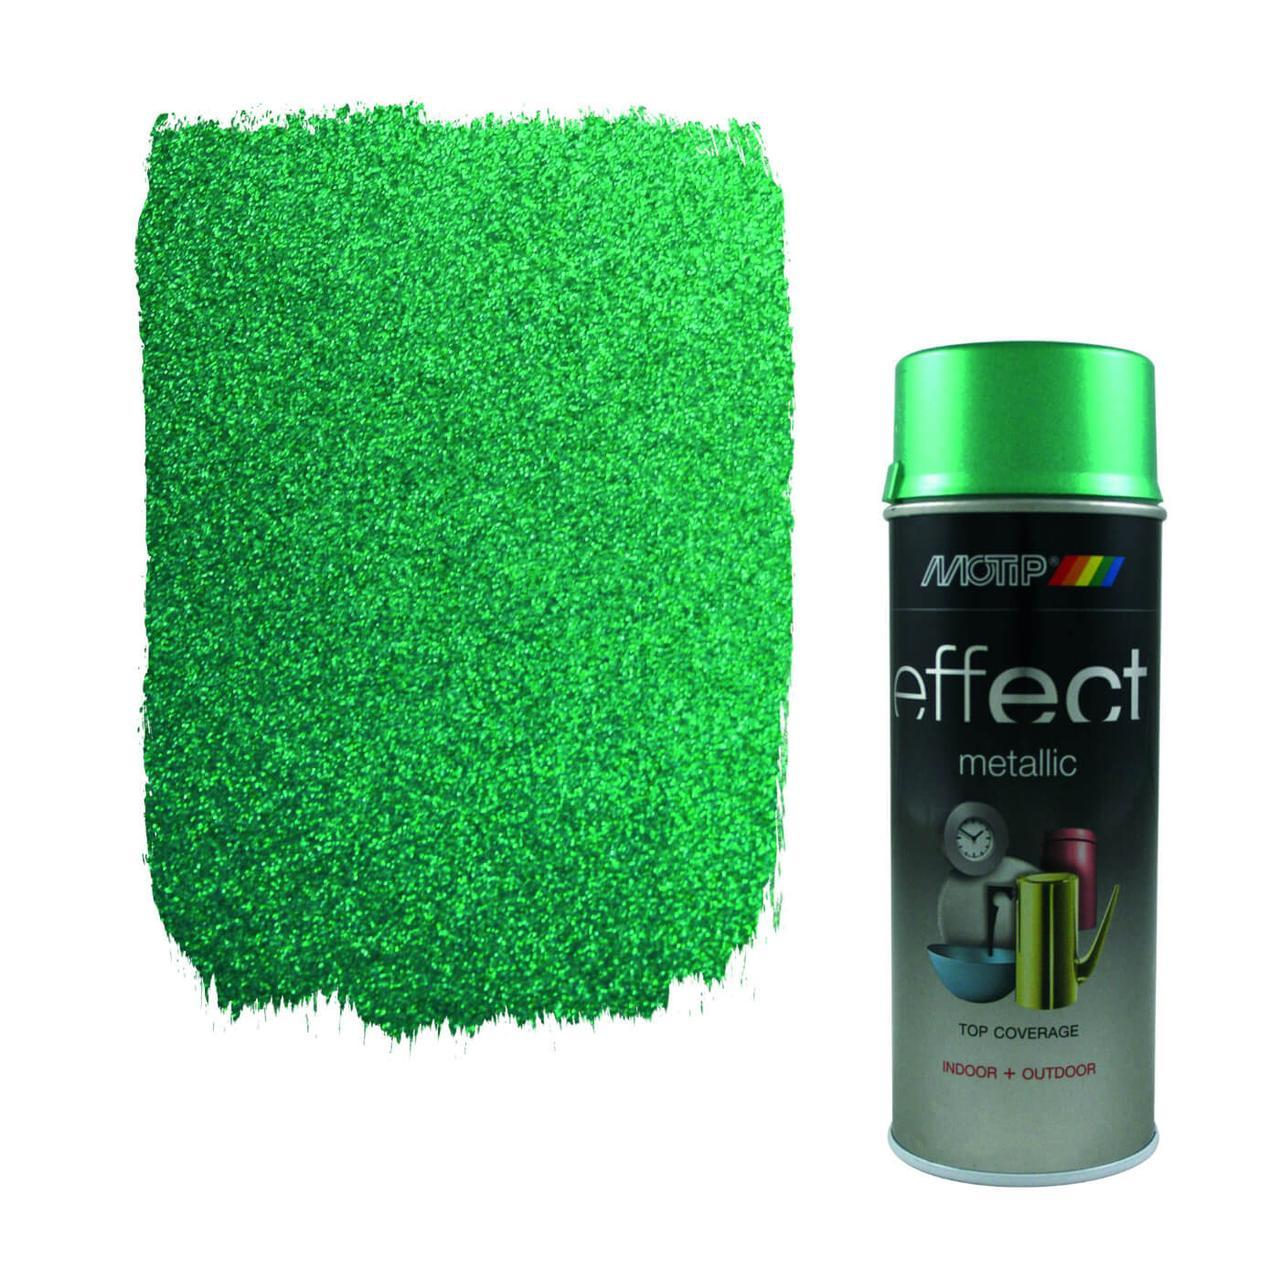 Эмаль с эффектом металлик Motip Deco Effect Metallic, 400 мл Аэрозоль Зеленый